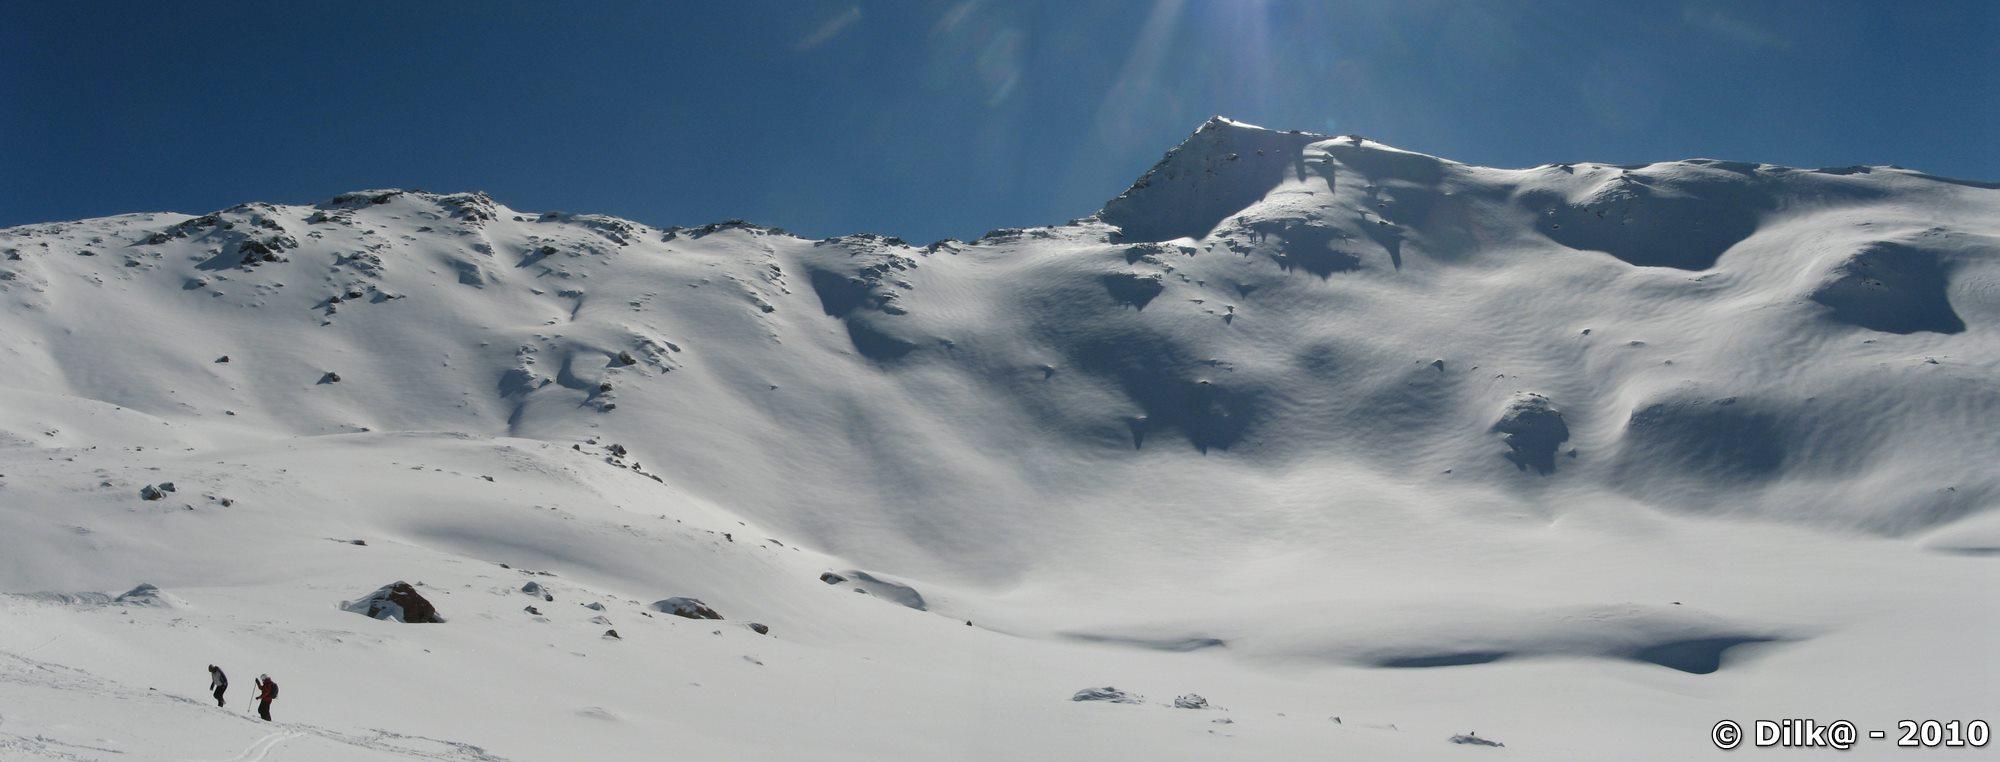 Skieurs hors piste